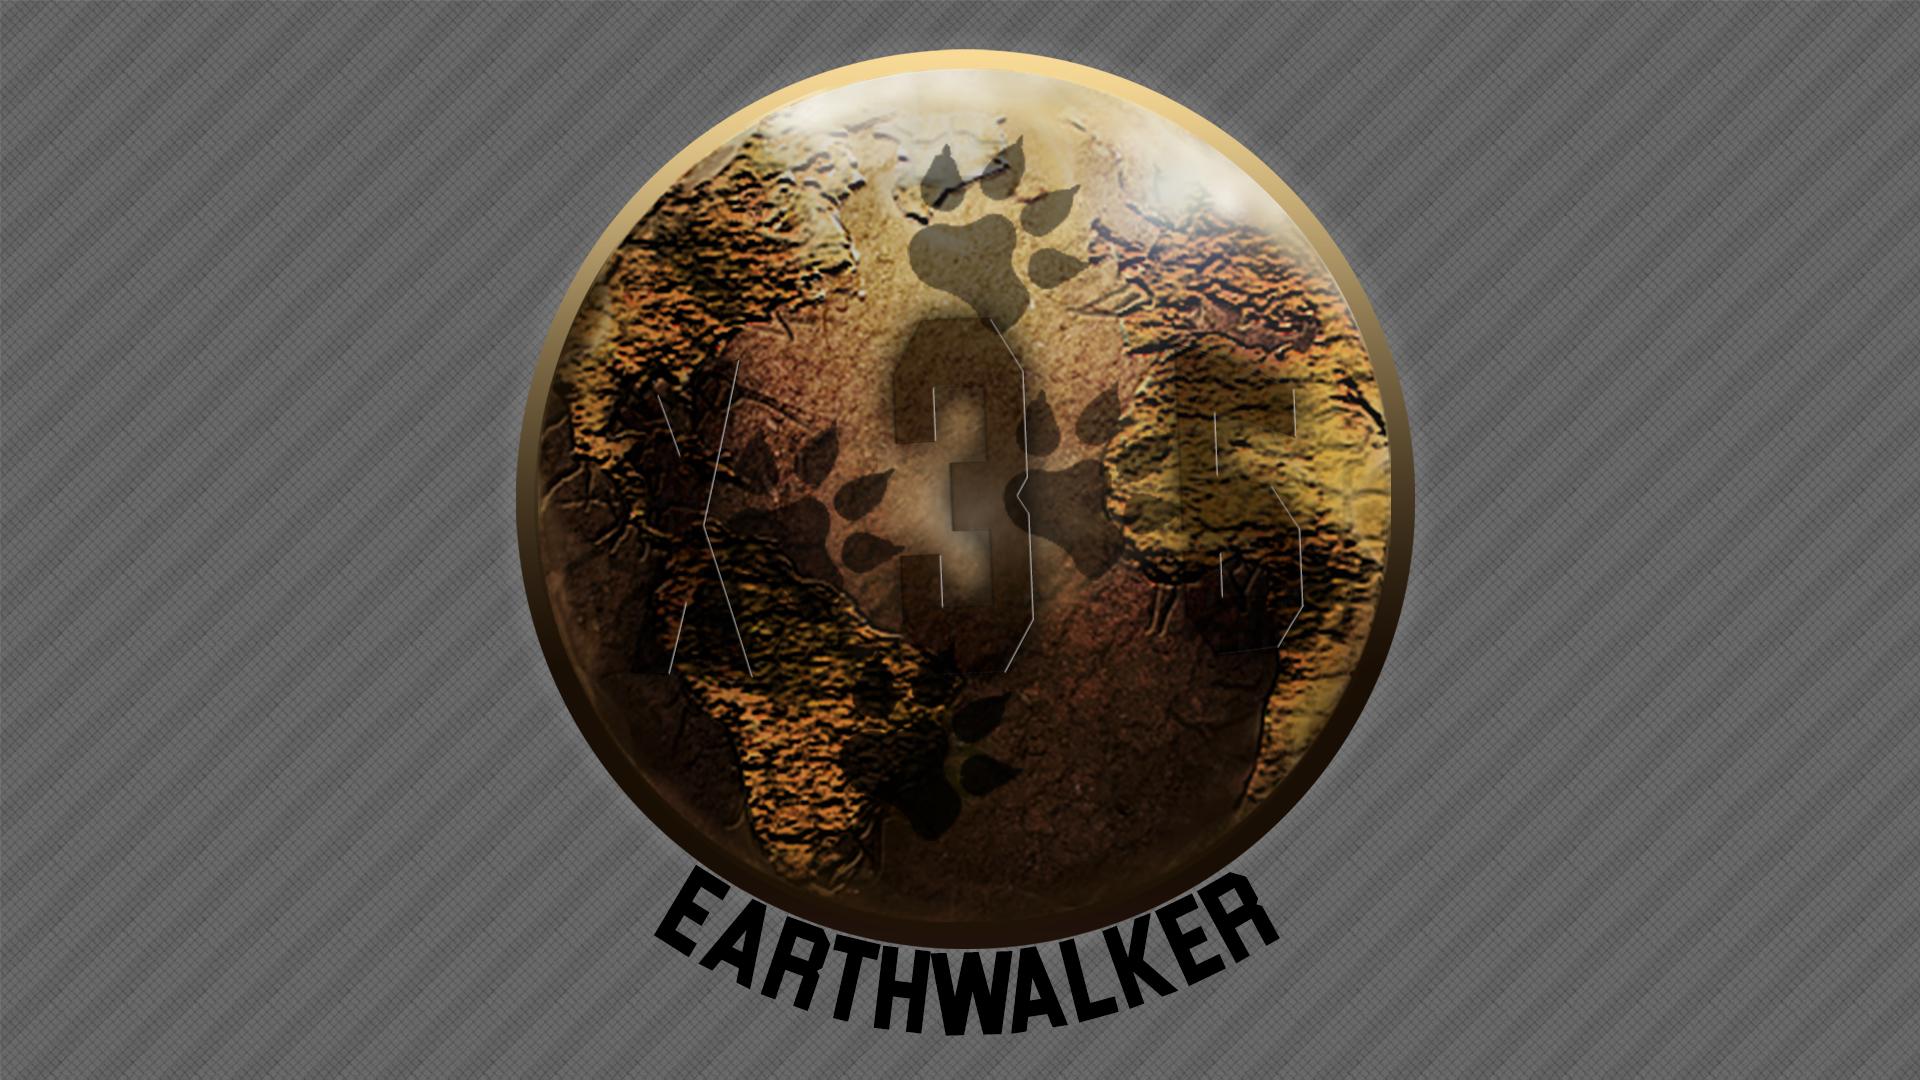 X35 Earthwalker